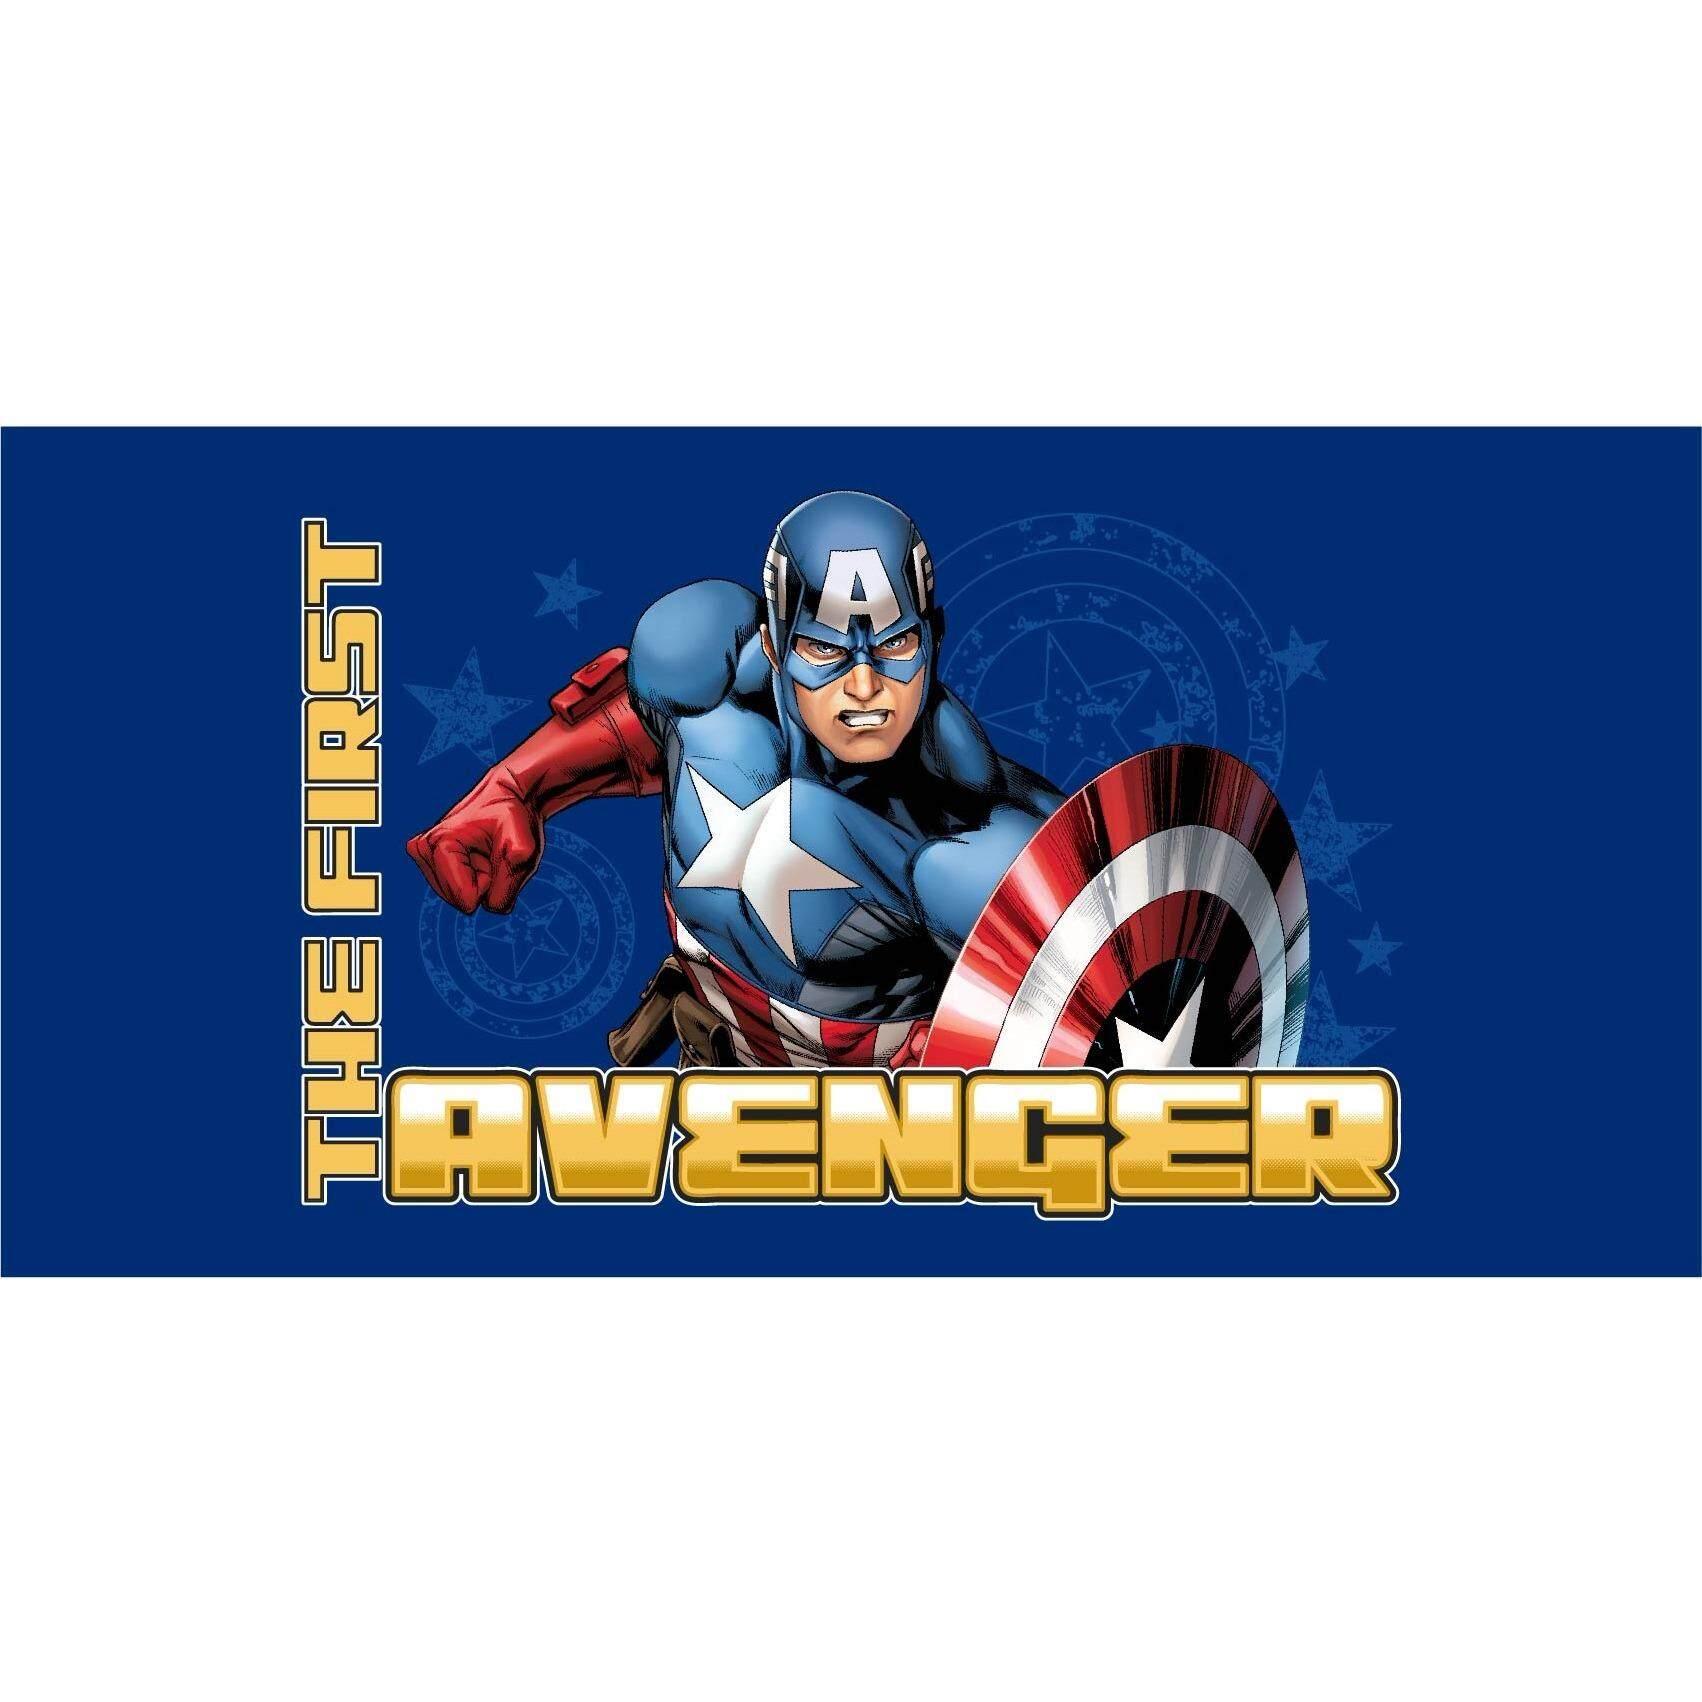 ขาย ซื้อ ออนไลน์ Marvel ผ้าขนหนู Captain America Avas1505 ขนาด 16 X 32 นิ้ว